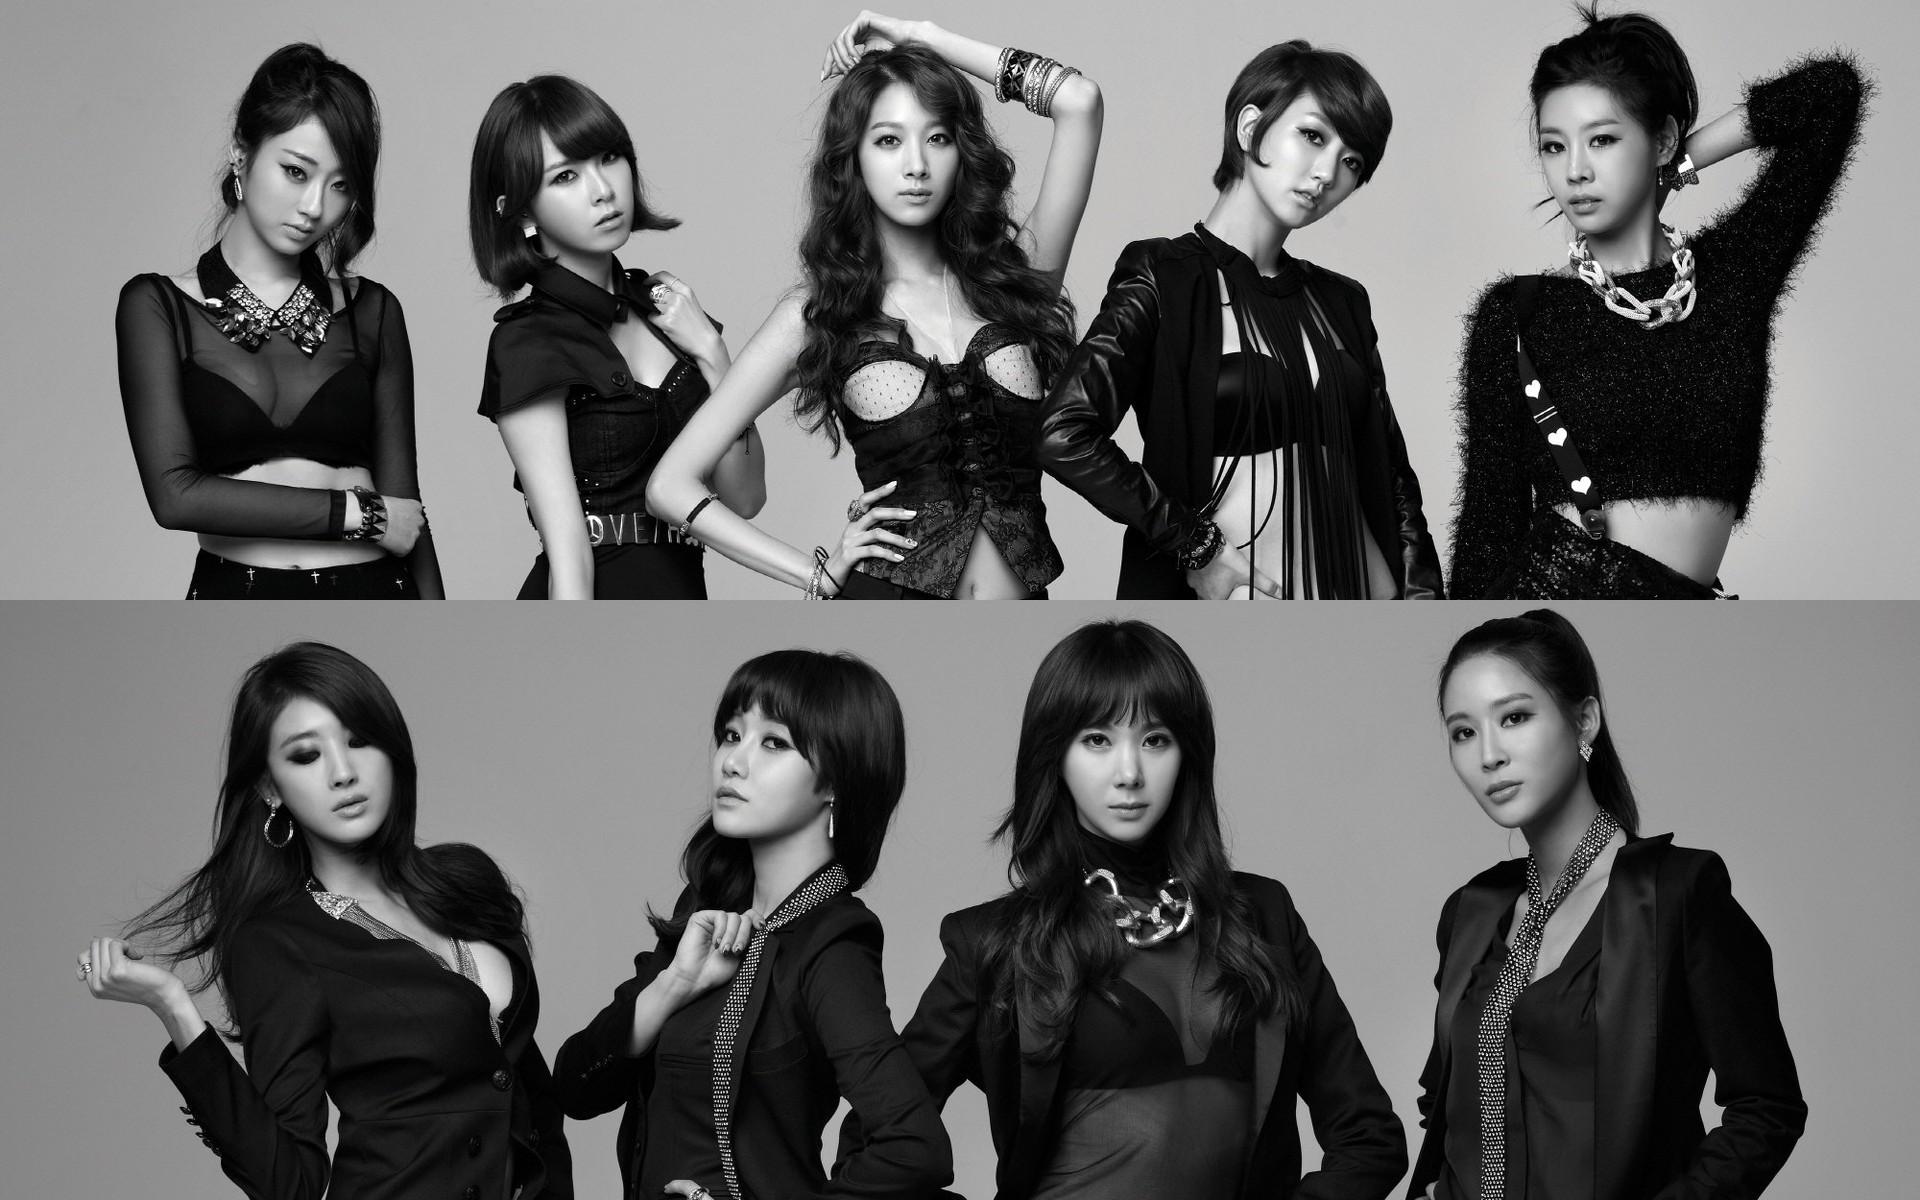 Kpop: Kpop Wallpaper (75+ Images